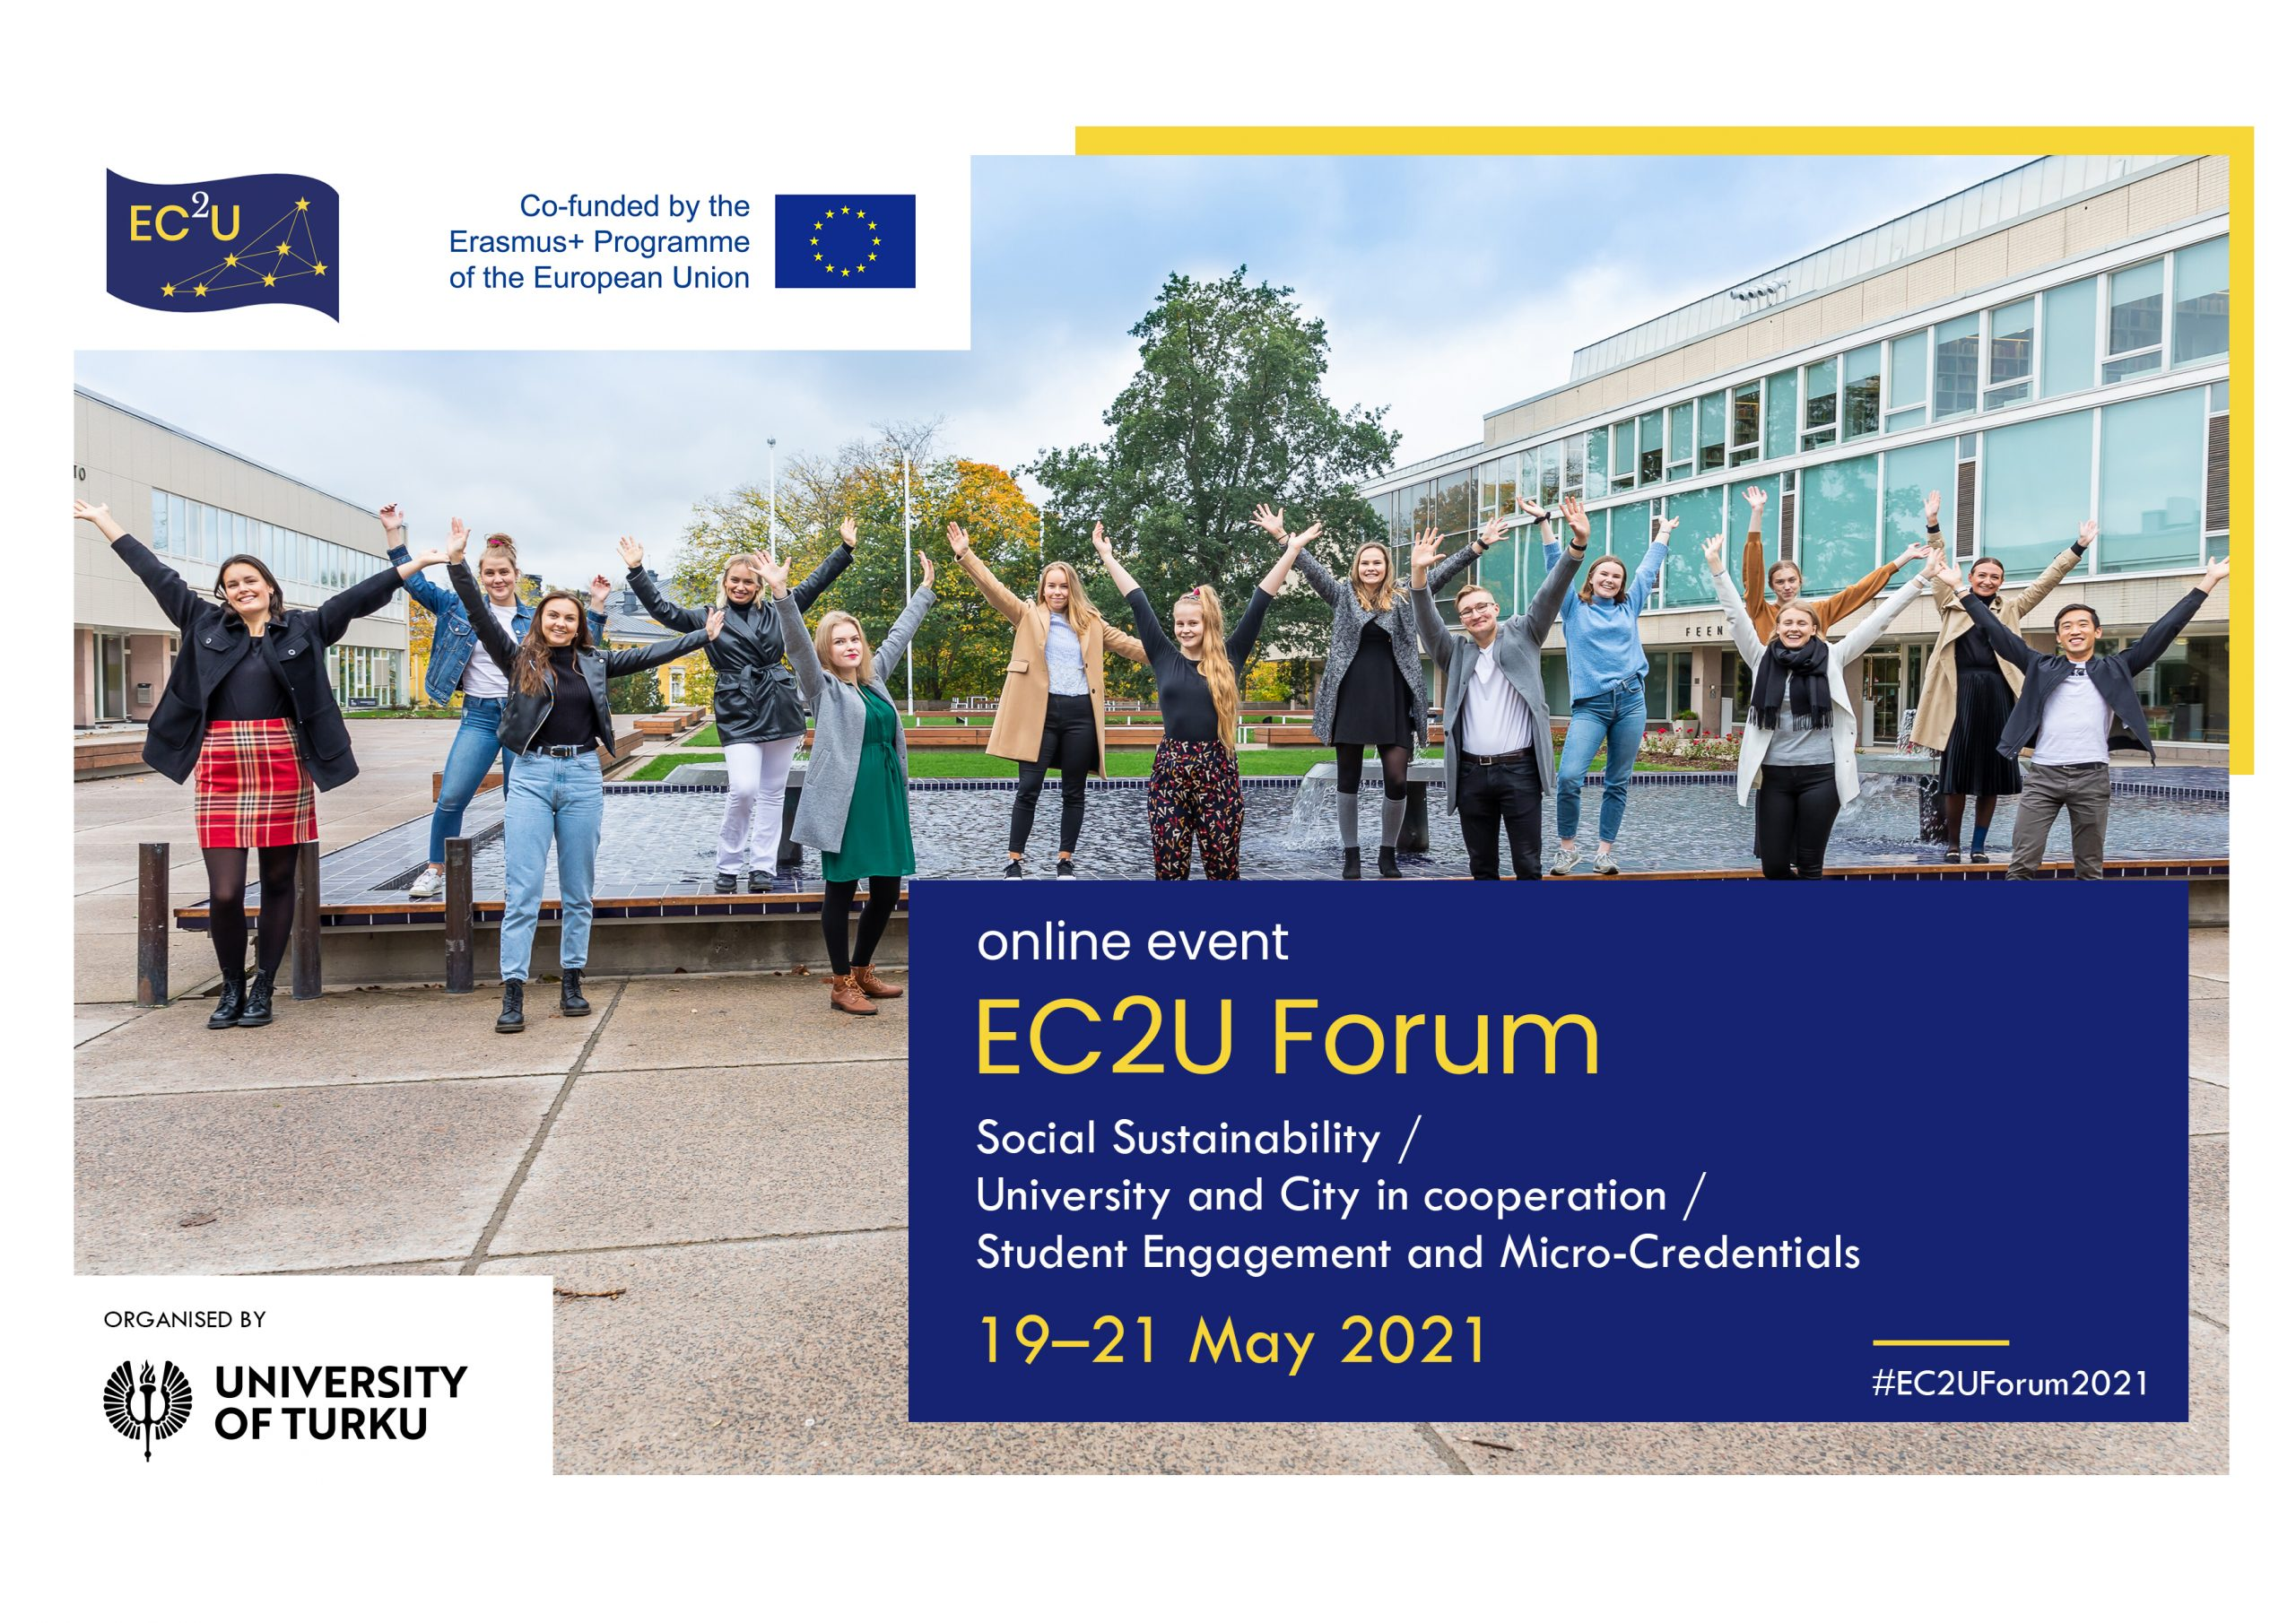 UAIC, membră a consorțiului de Universități Europene EC2U, anunță organizarea celui de-al doilea forum online